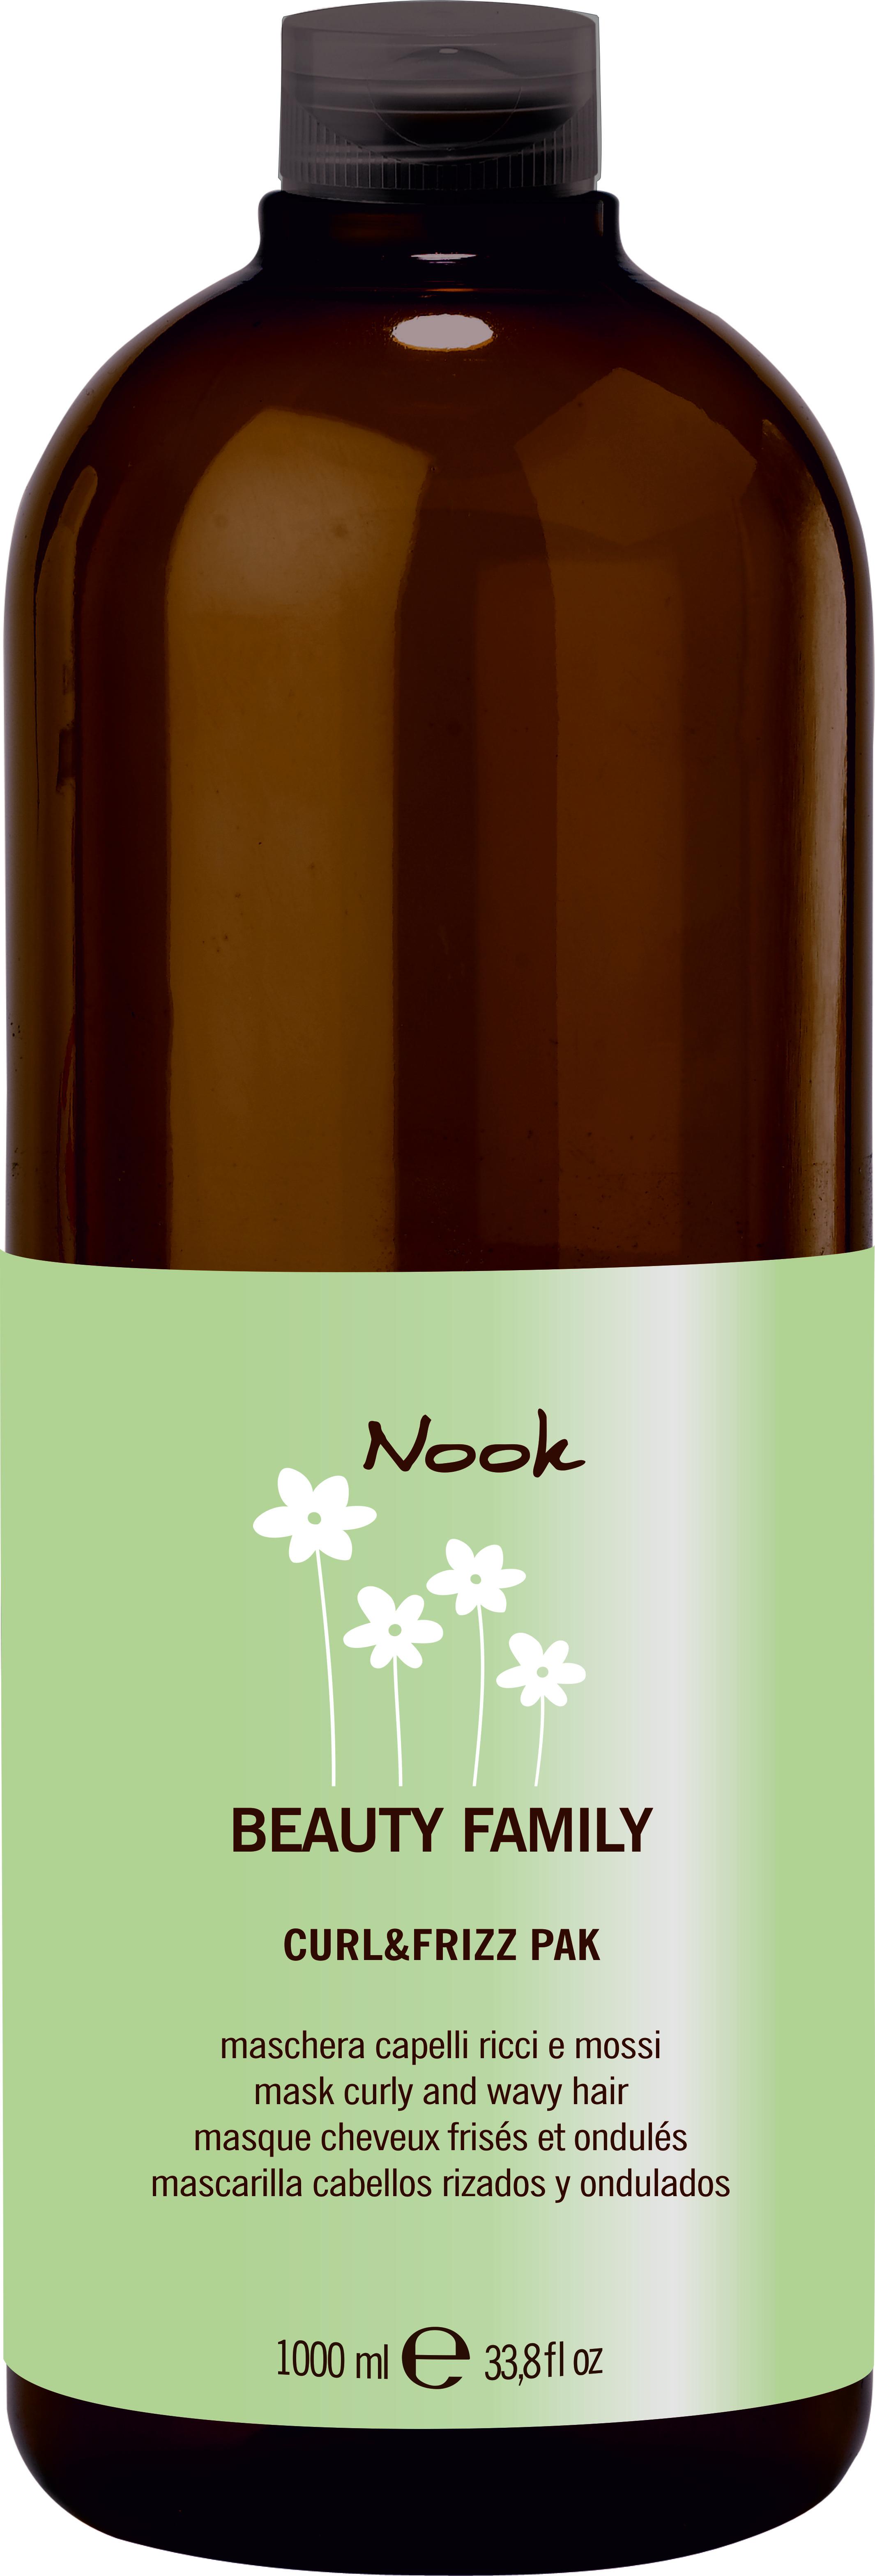 NOOK Маска для кудрявых волос Ph 5,0 / Curl &amp; Friz Pak BEAUTY FAMILY 1000 млМаски<br>Разглаживающая маска для кудрявых волос на основе экстрактов Алоэ-вера, Лимона и Эластина питает, восстанавливает эластичность и блеск. Обладает интенсивным anti-frizz эффектом, дисциплинирует волосы и помогает в дальнейшей укладке. Активные ингредиенты: масло ши, цетеариловый спирт , эсктракт лимона, эластин, алоэ-вера<br><br>Типы волос: Кудрявые